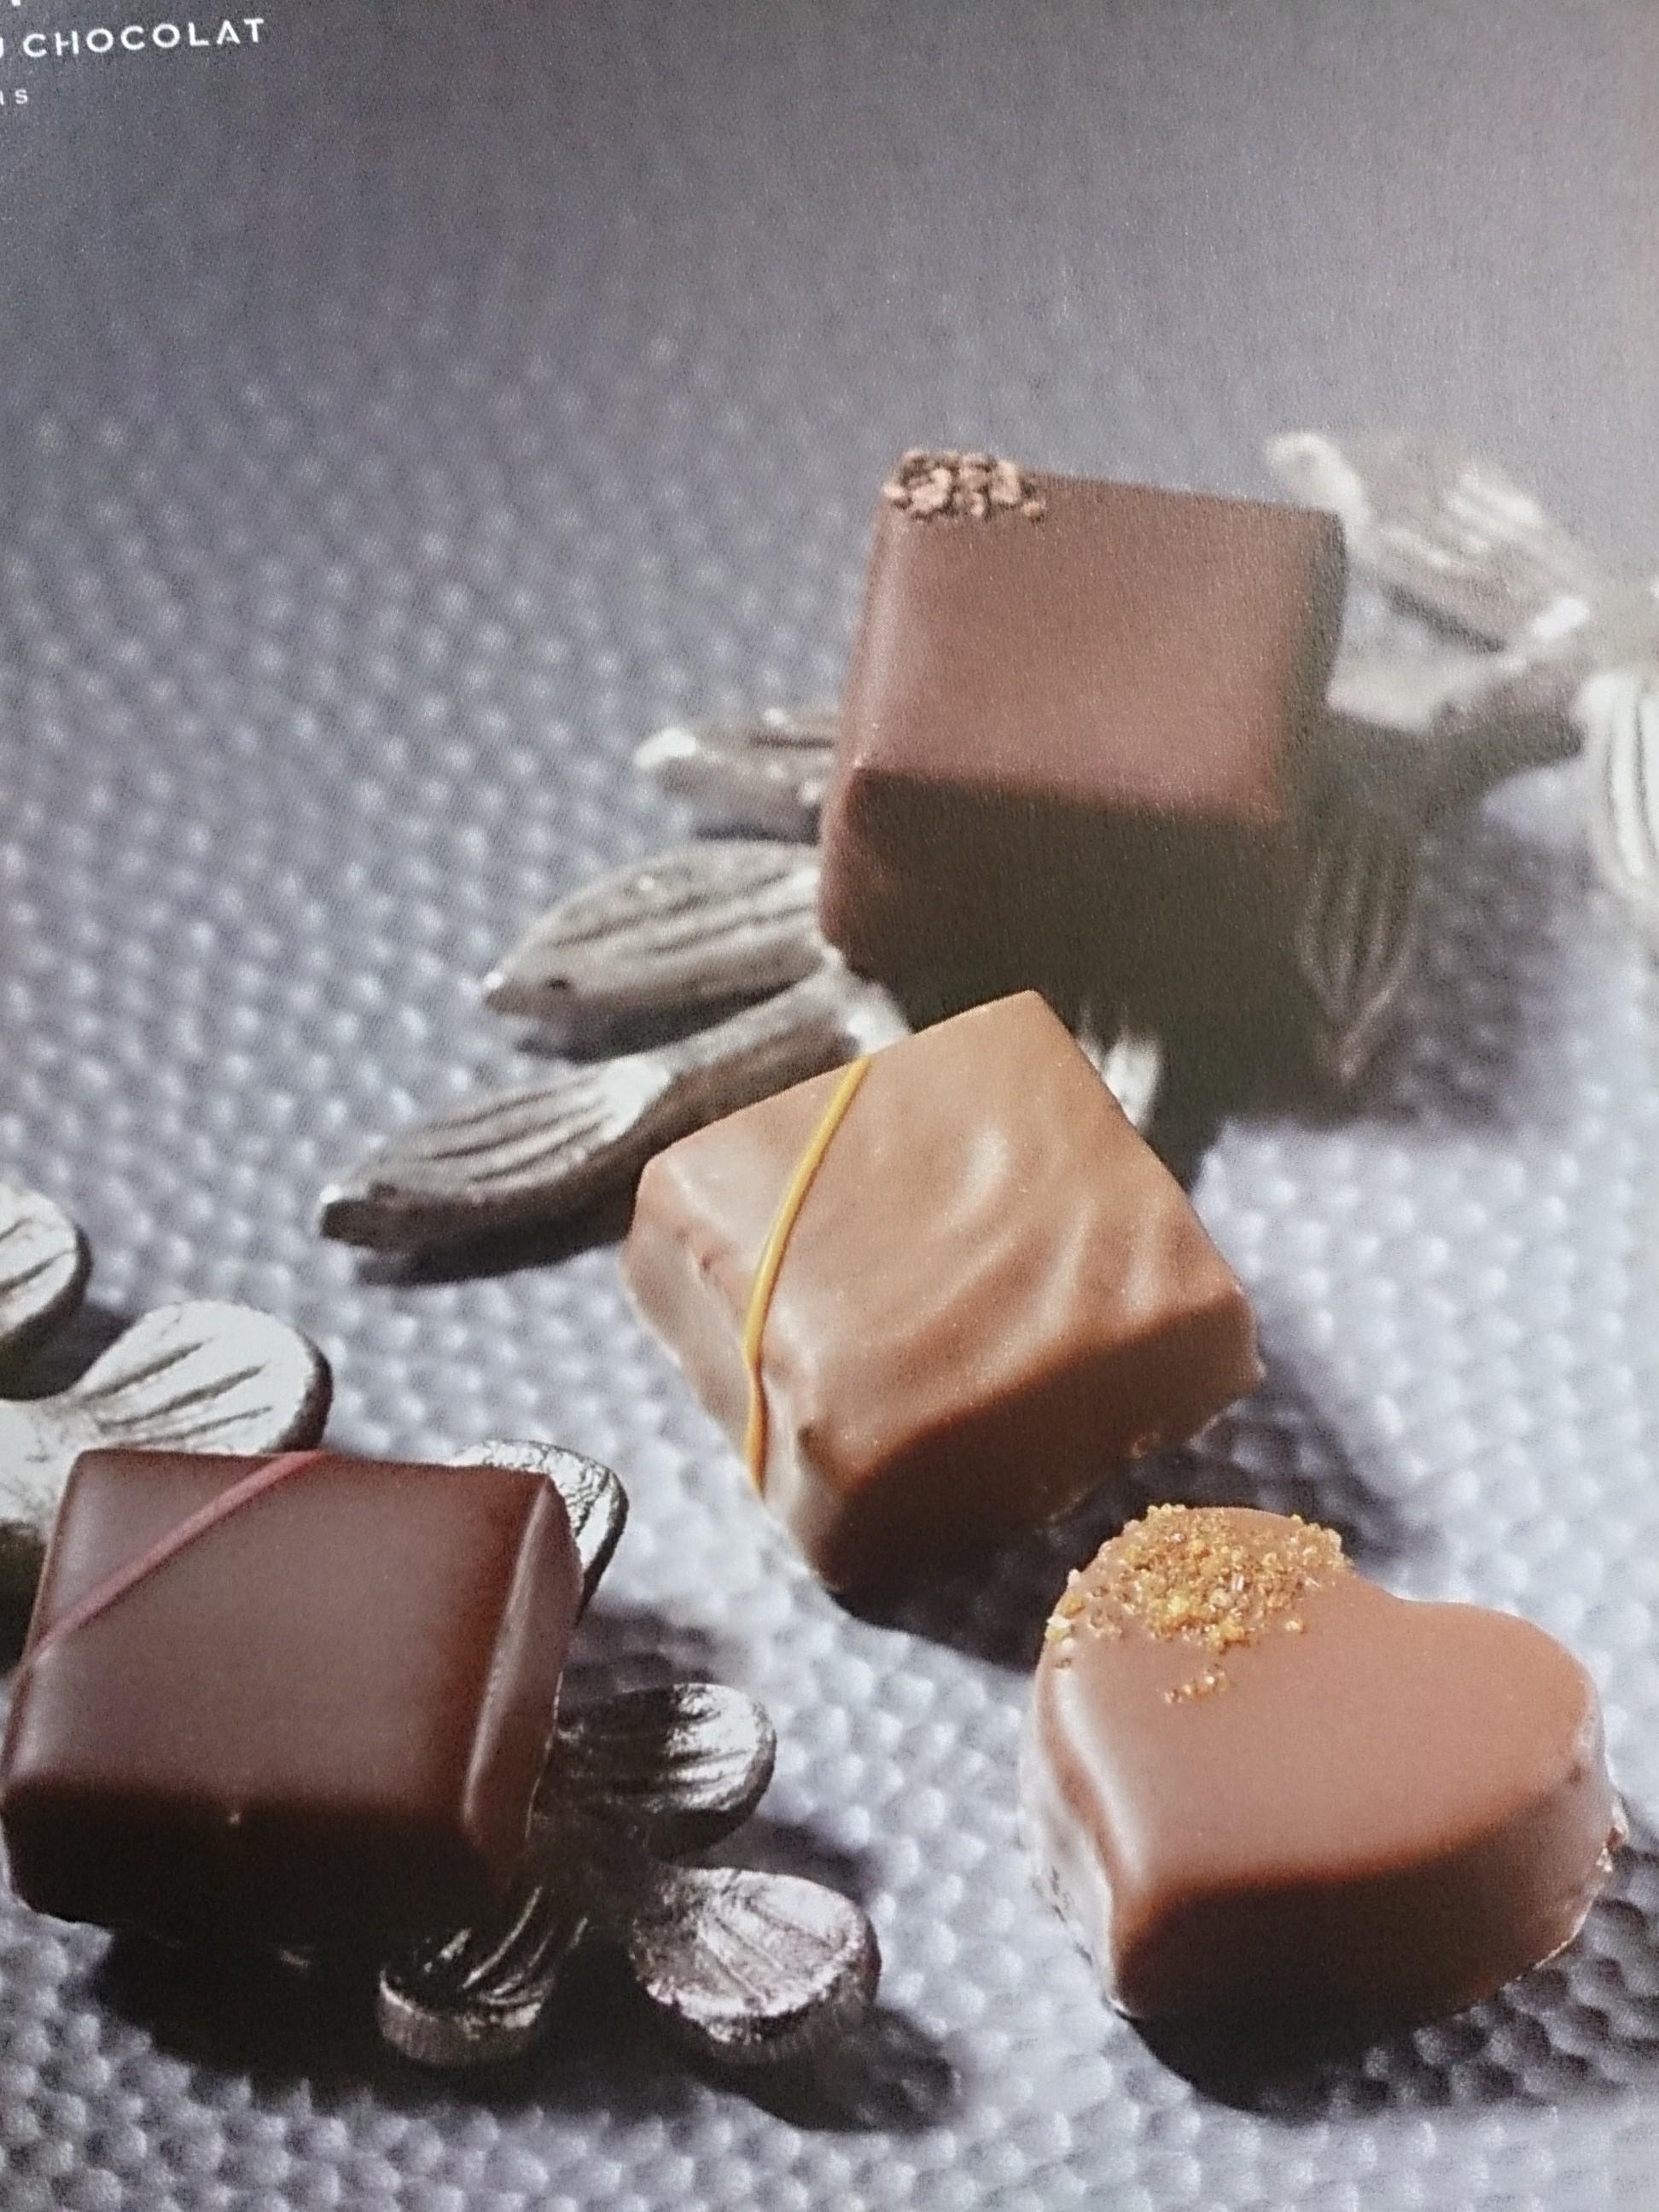 大混雑!幸せのチョコレート天国☆